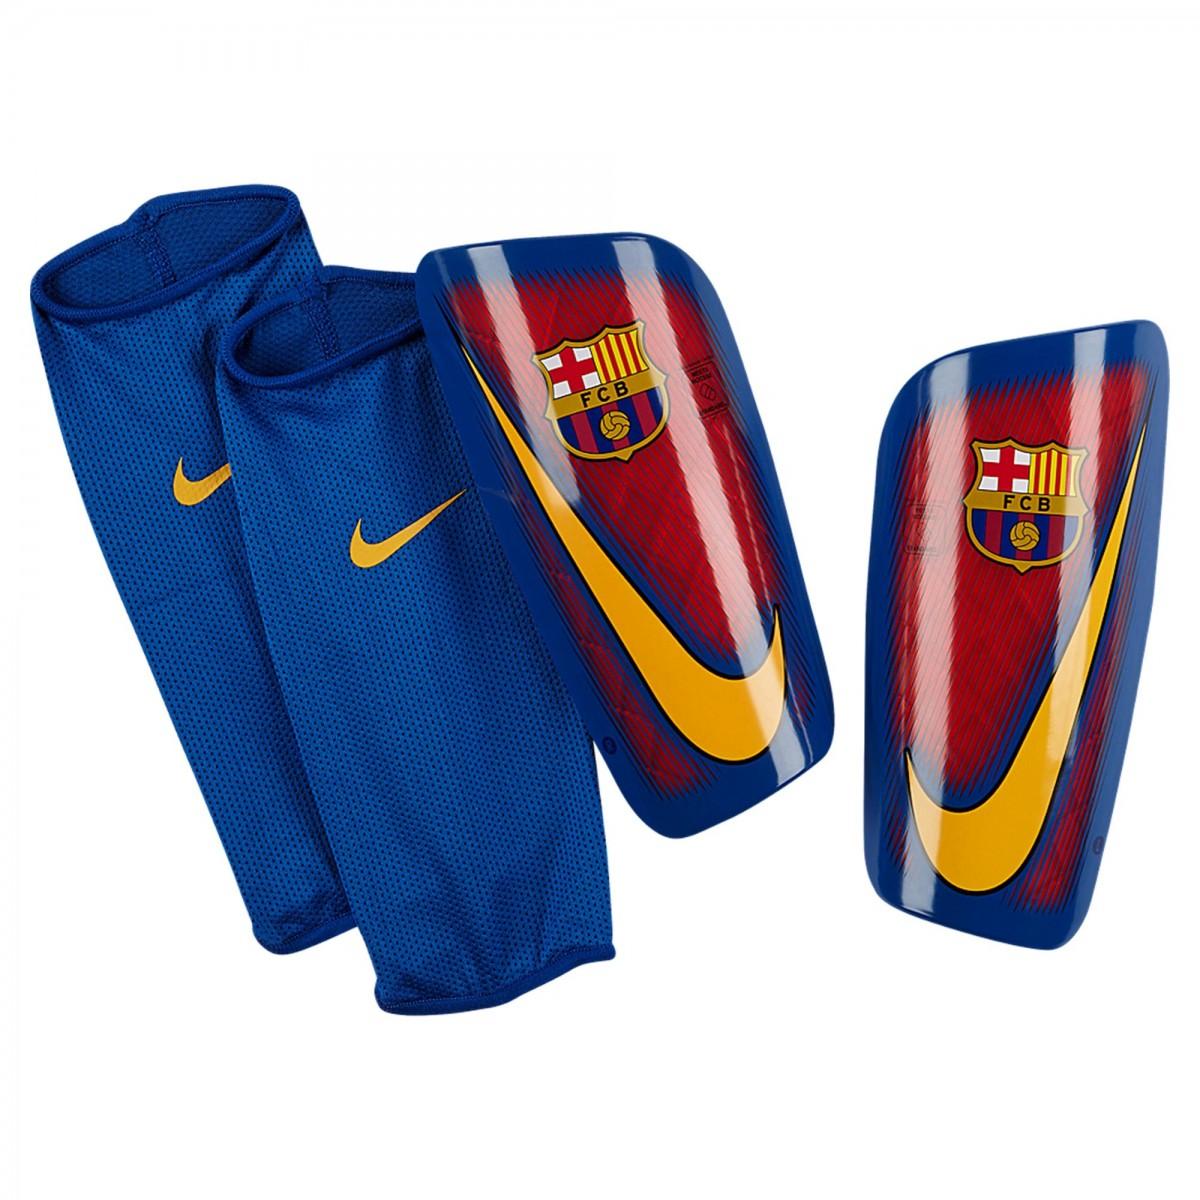 Caneleira Nike FC Barcelona Mercurial SP2090-633 Azul Vermelho 2ba9c34870506